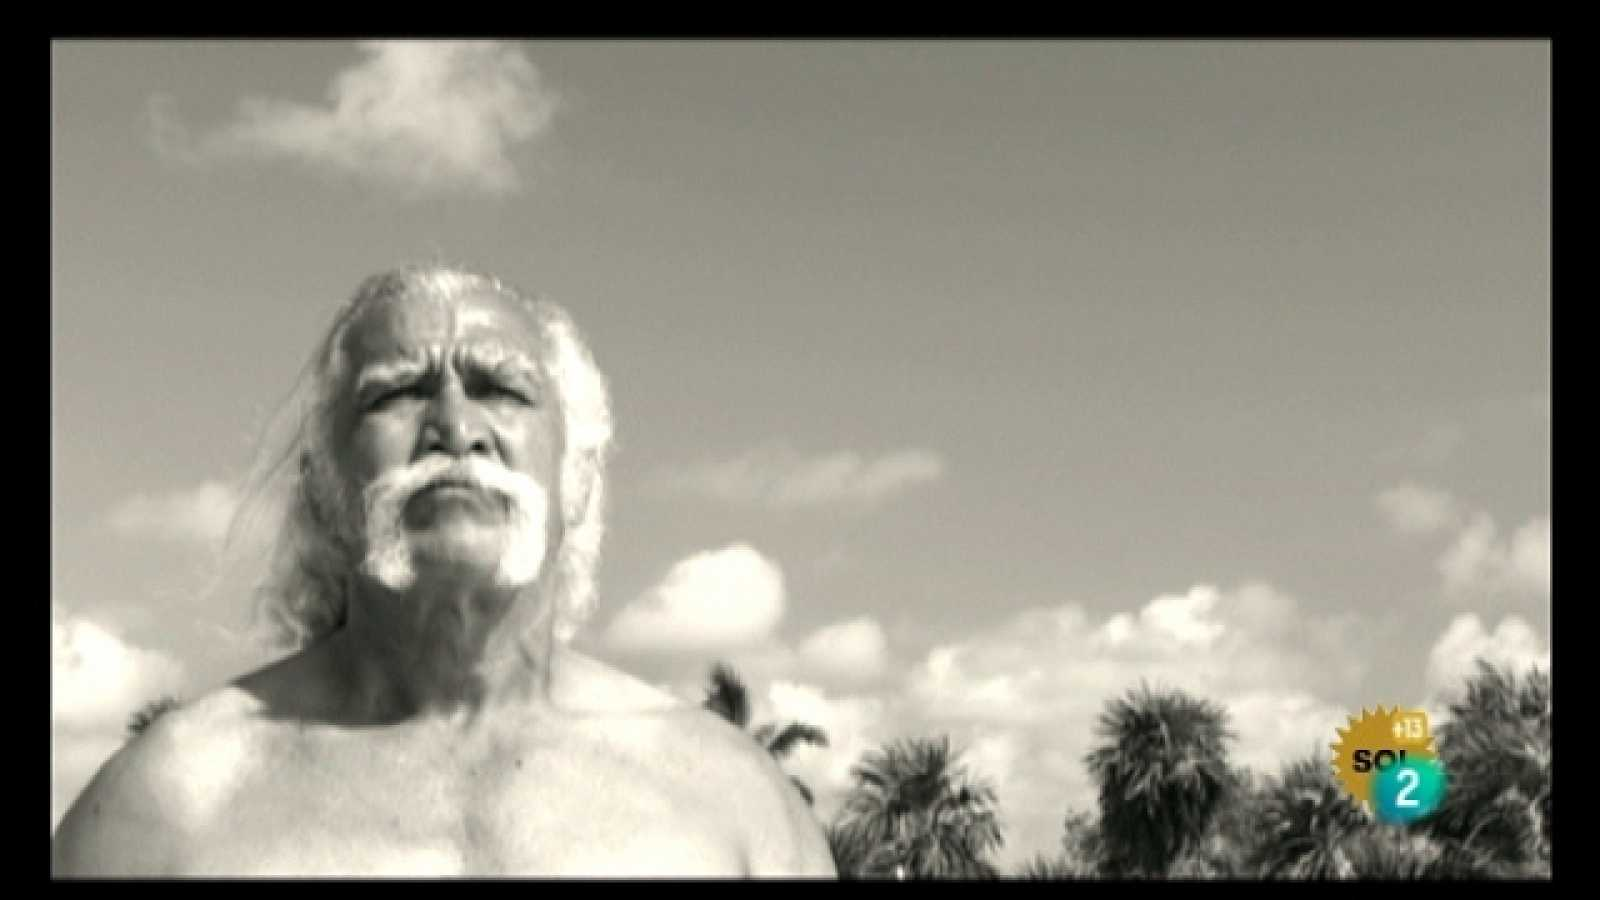 Metrópolis - El Sol 2011 - Ver ahora